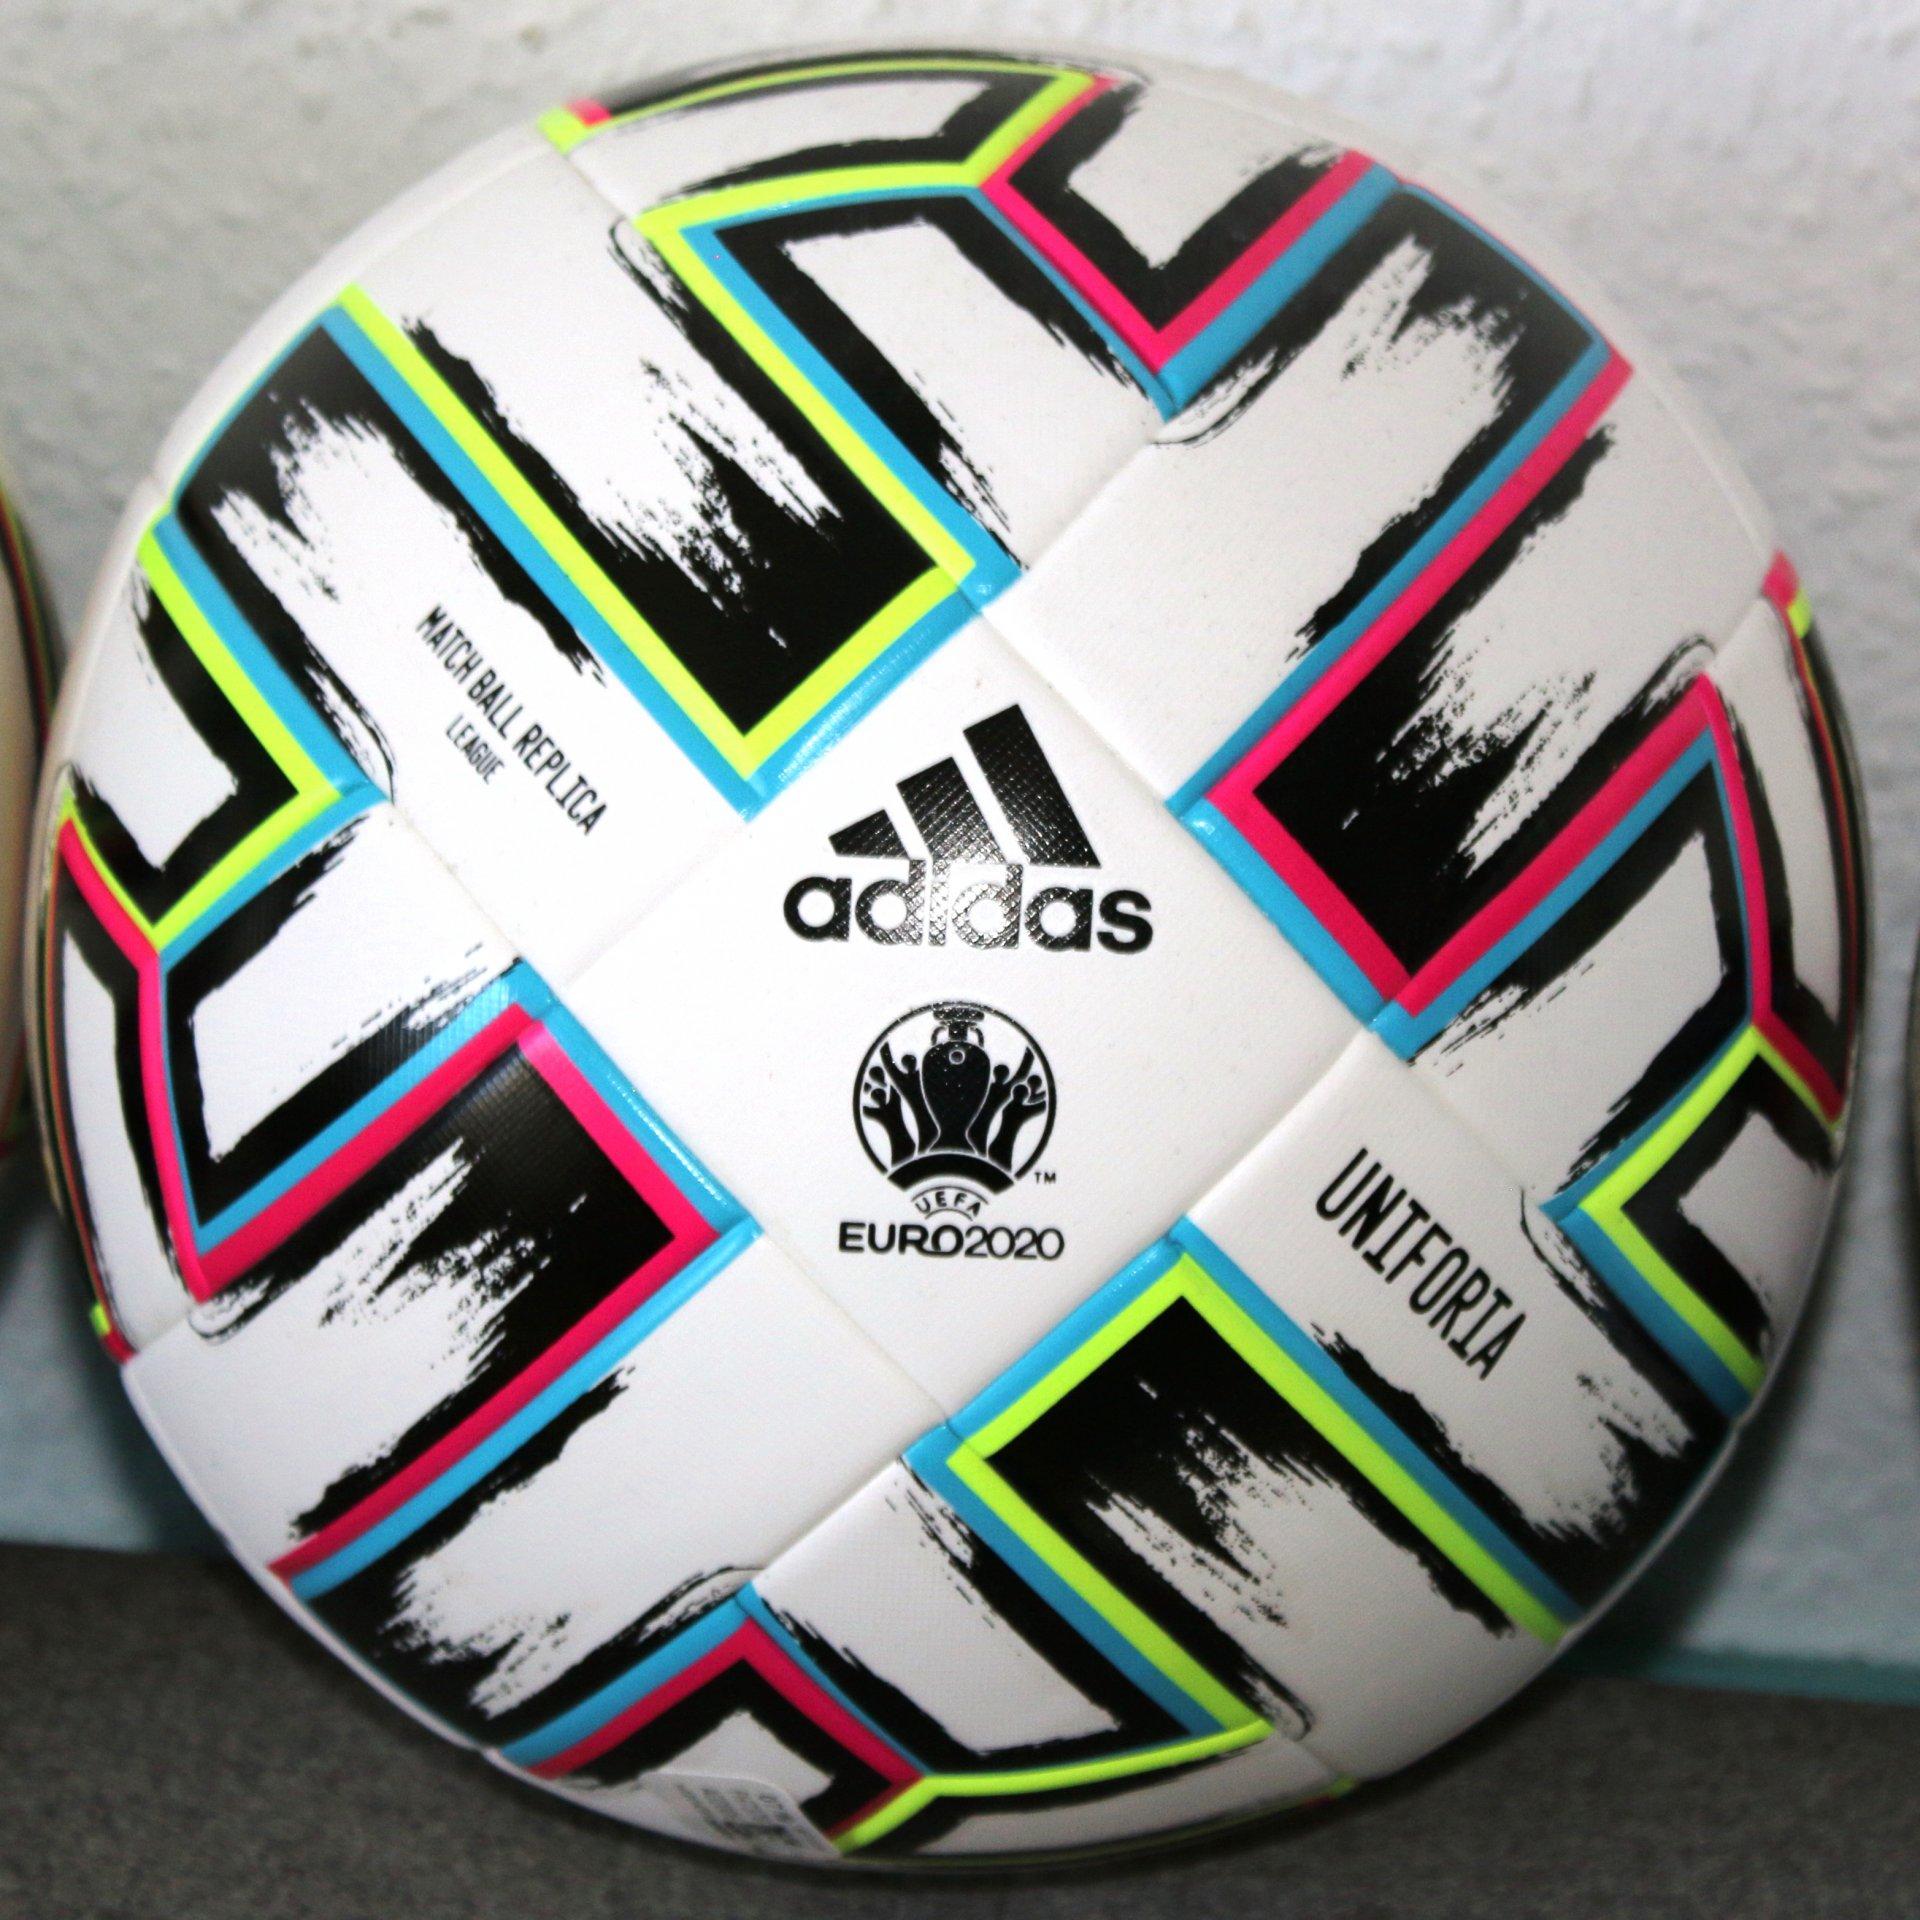 Adidas Uniforia EM 2020 League LGE